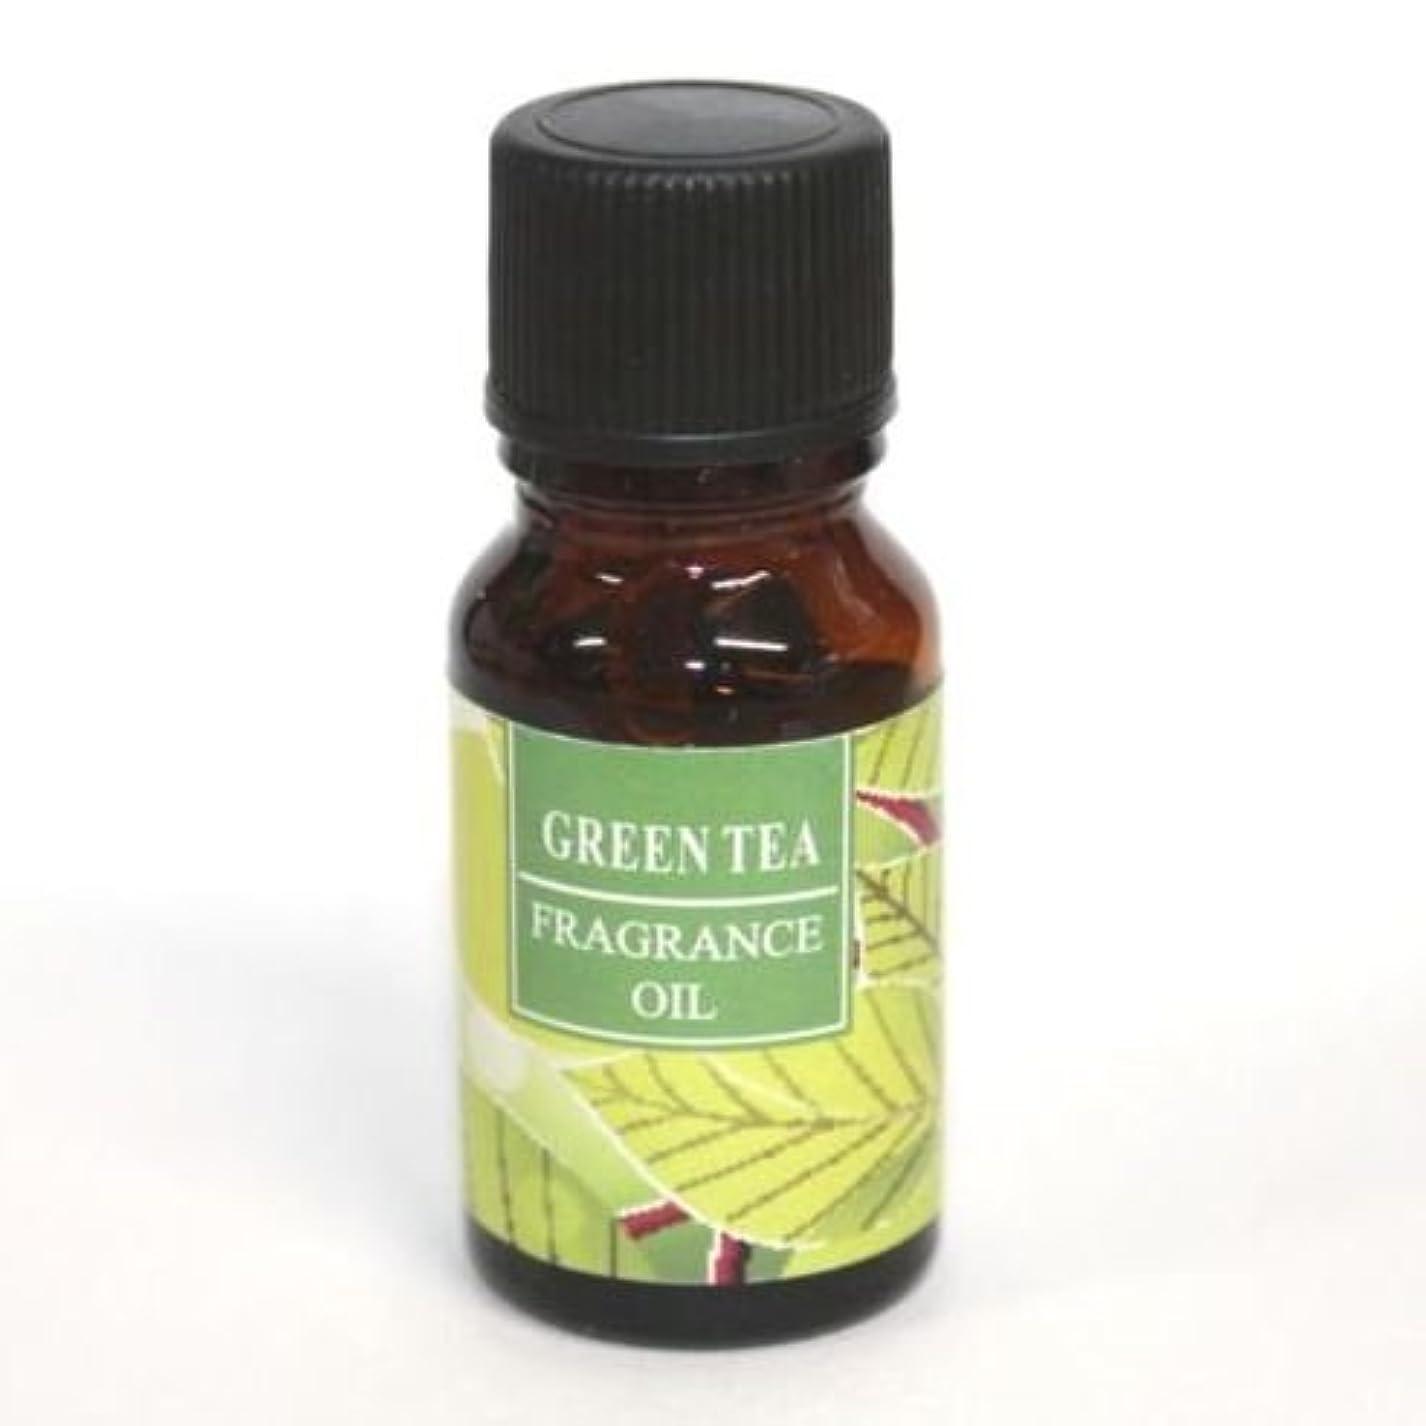 神経呼吸する孤独RELAXING アロマオイル AROMA OIL フレグランスオイル GREEN TEA 緑茶の香り RQ-09